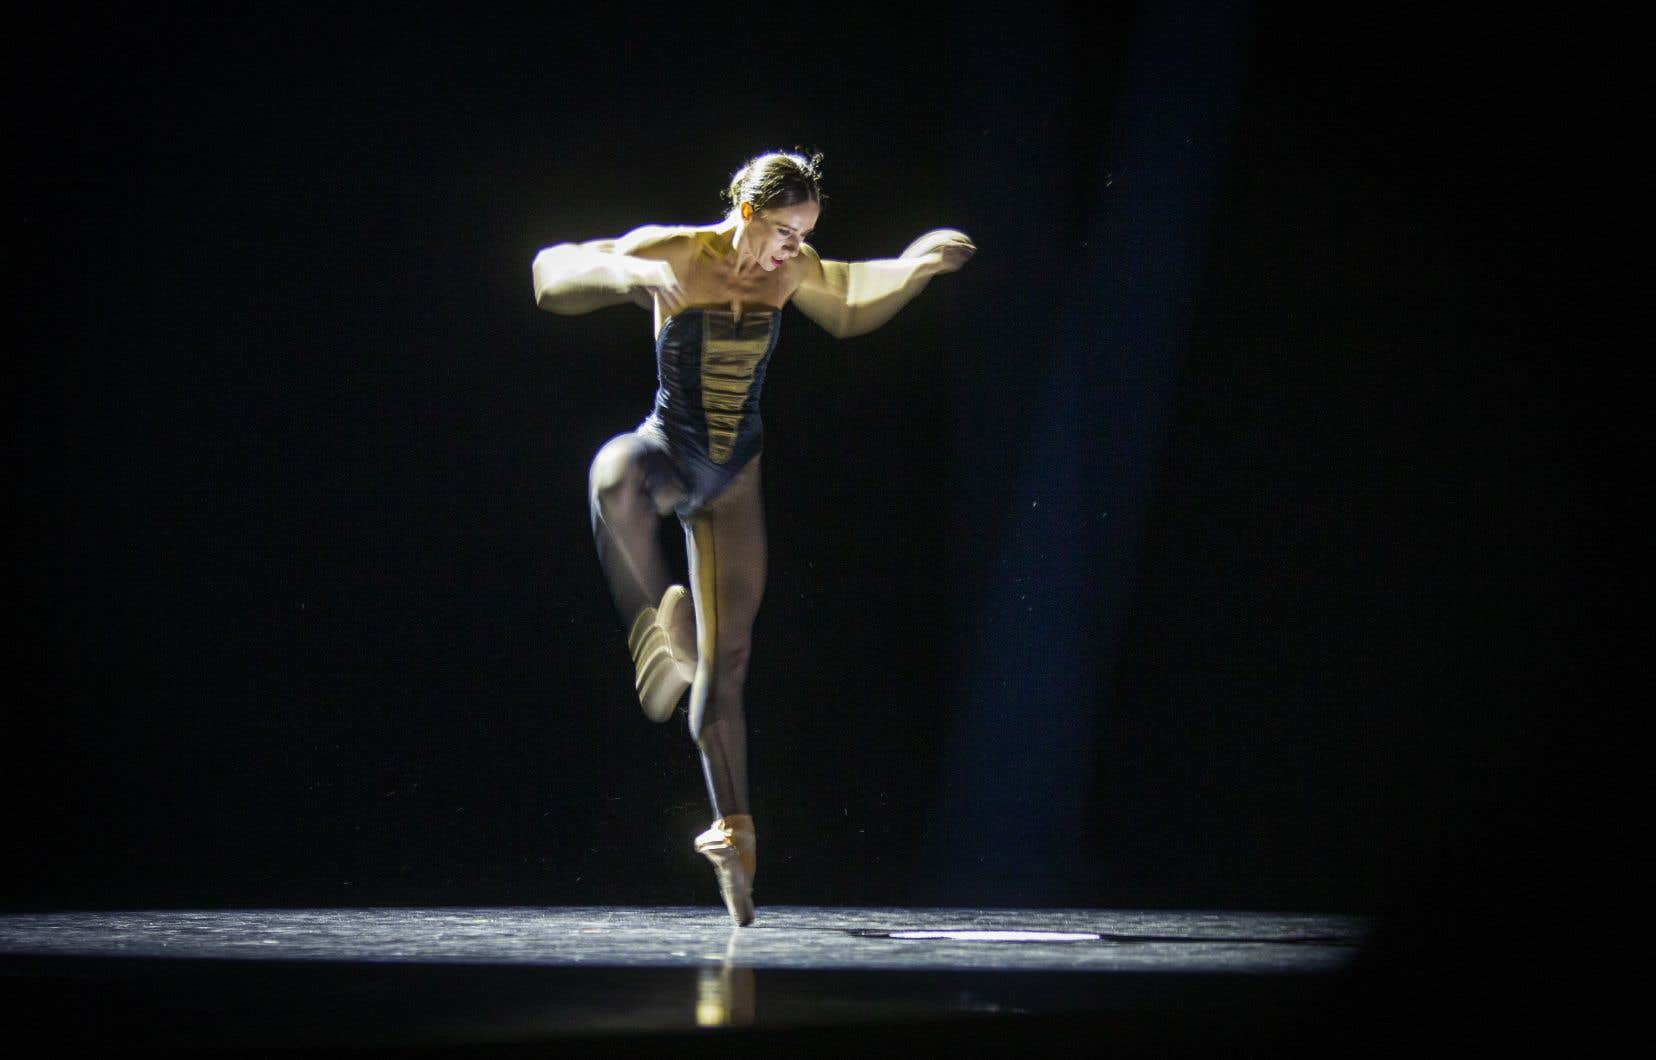 Inspiré par la première danseuse Rachele Buriassi (photo) durant la pandémie, Édouard Lock dévoilera deux premières mondiales: un film et une œuvre scénique.